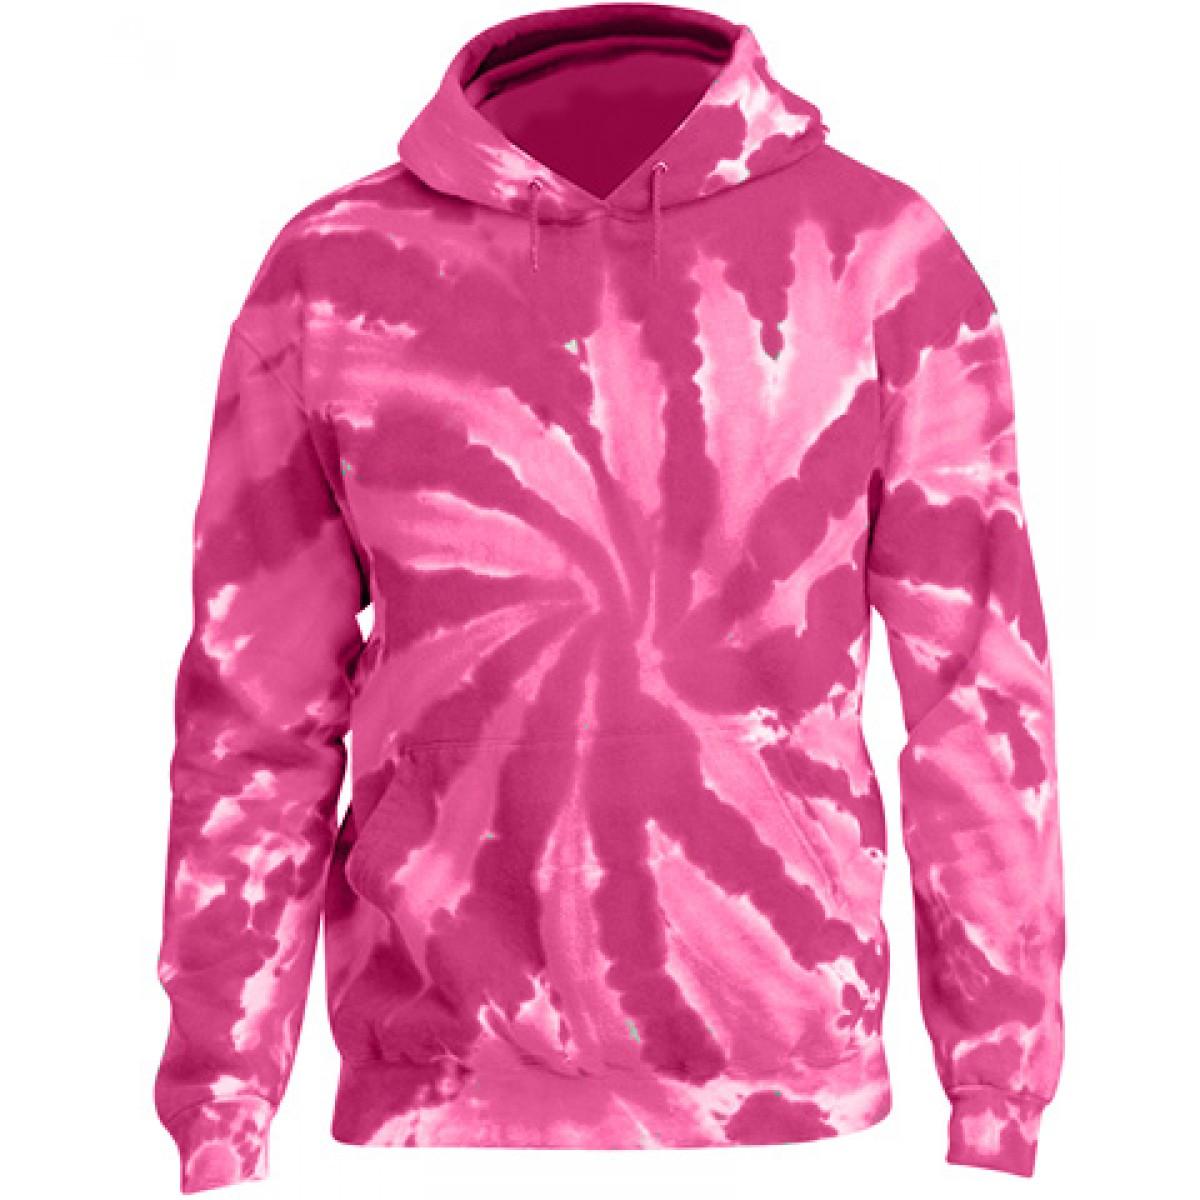 Tie-Dye Pullover Hooded Sweatshirt-Pink-M